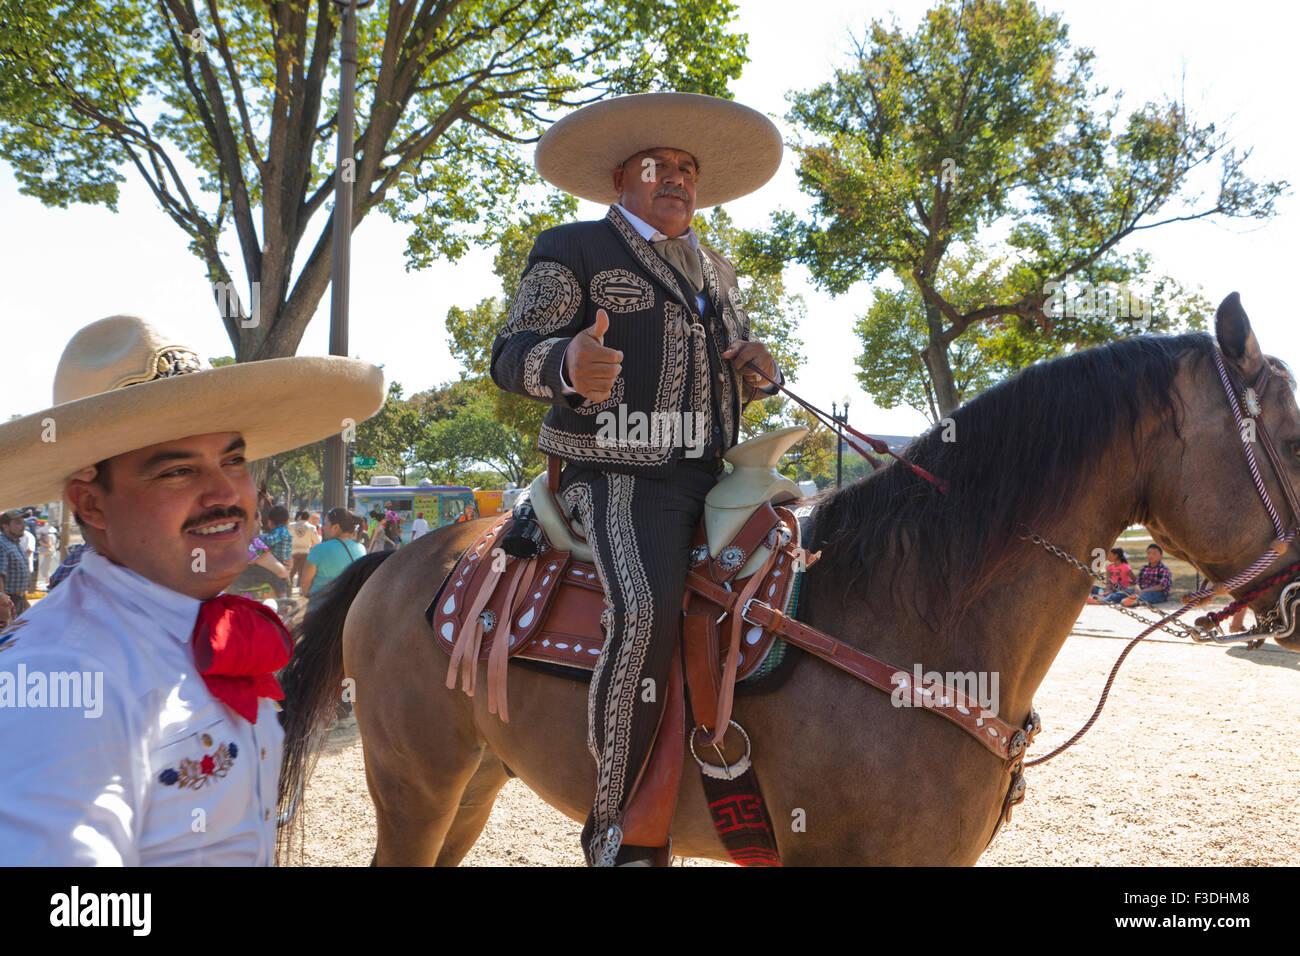 18244f228d3e7 Mexican vaquero (cowboy) on horseback at the Latin festival - Washington